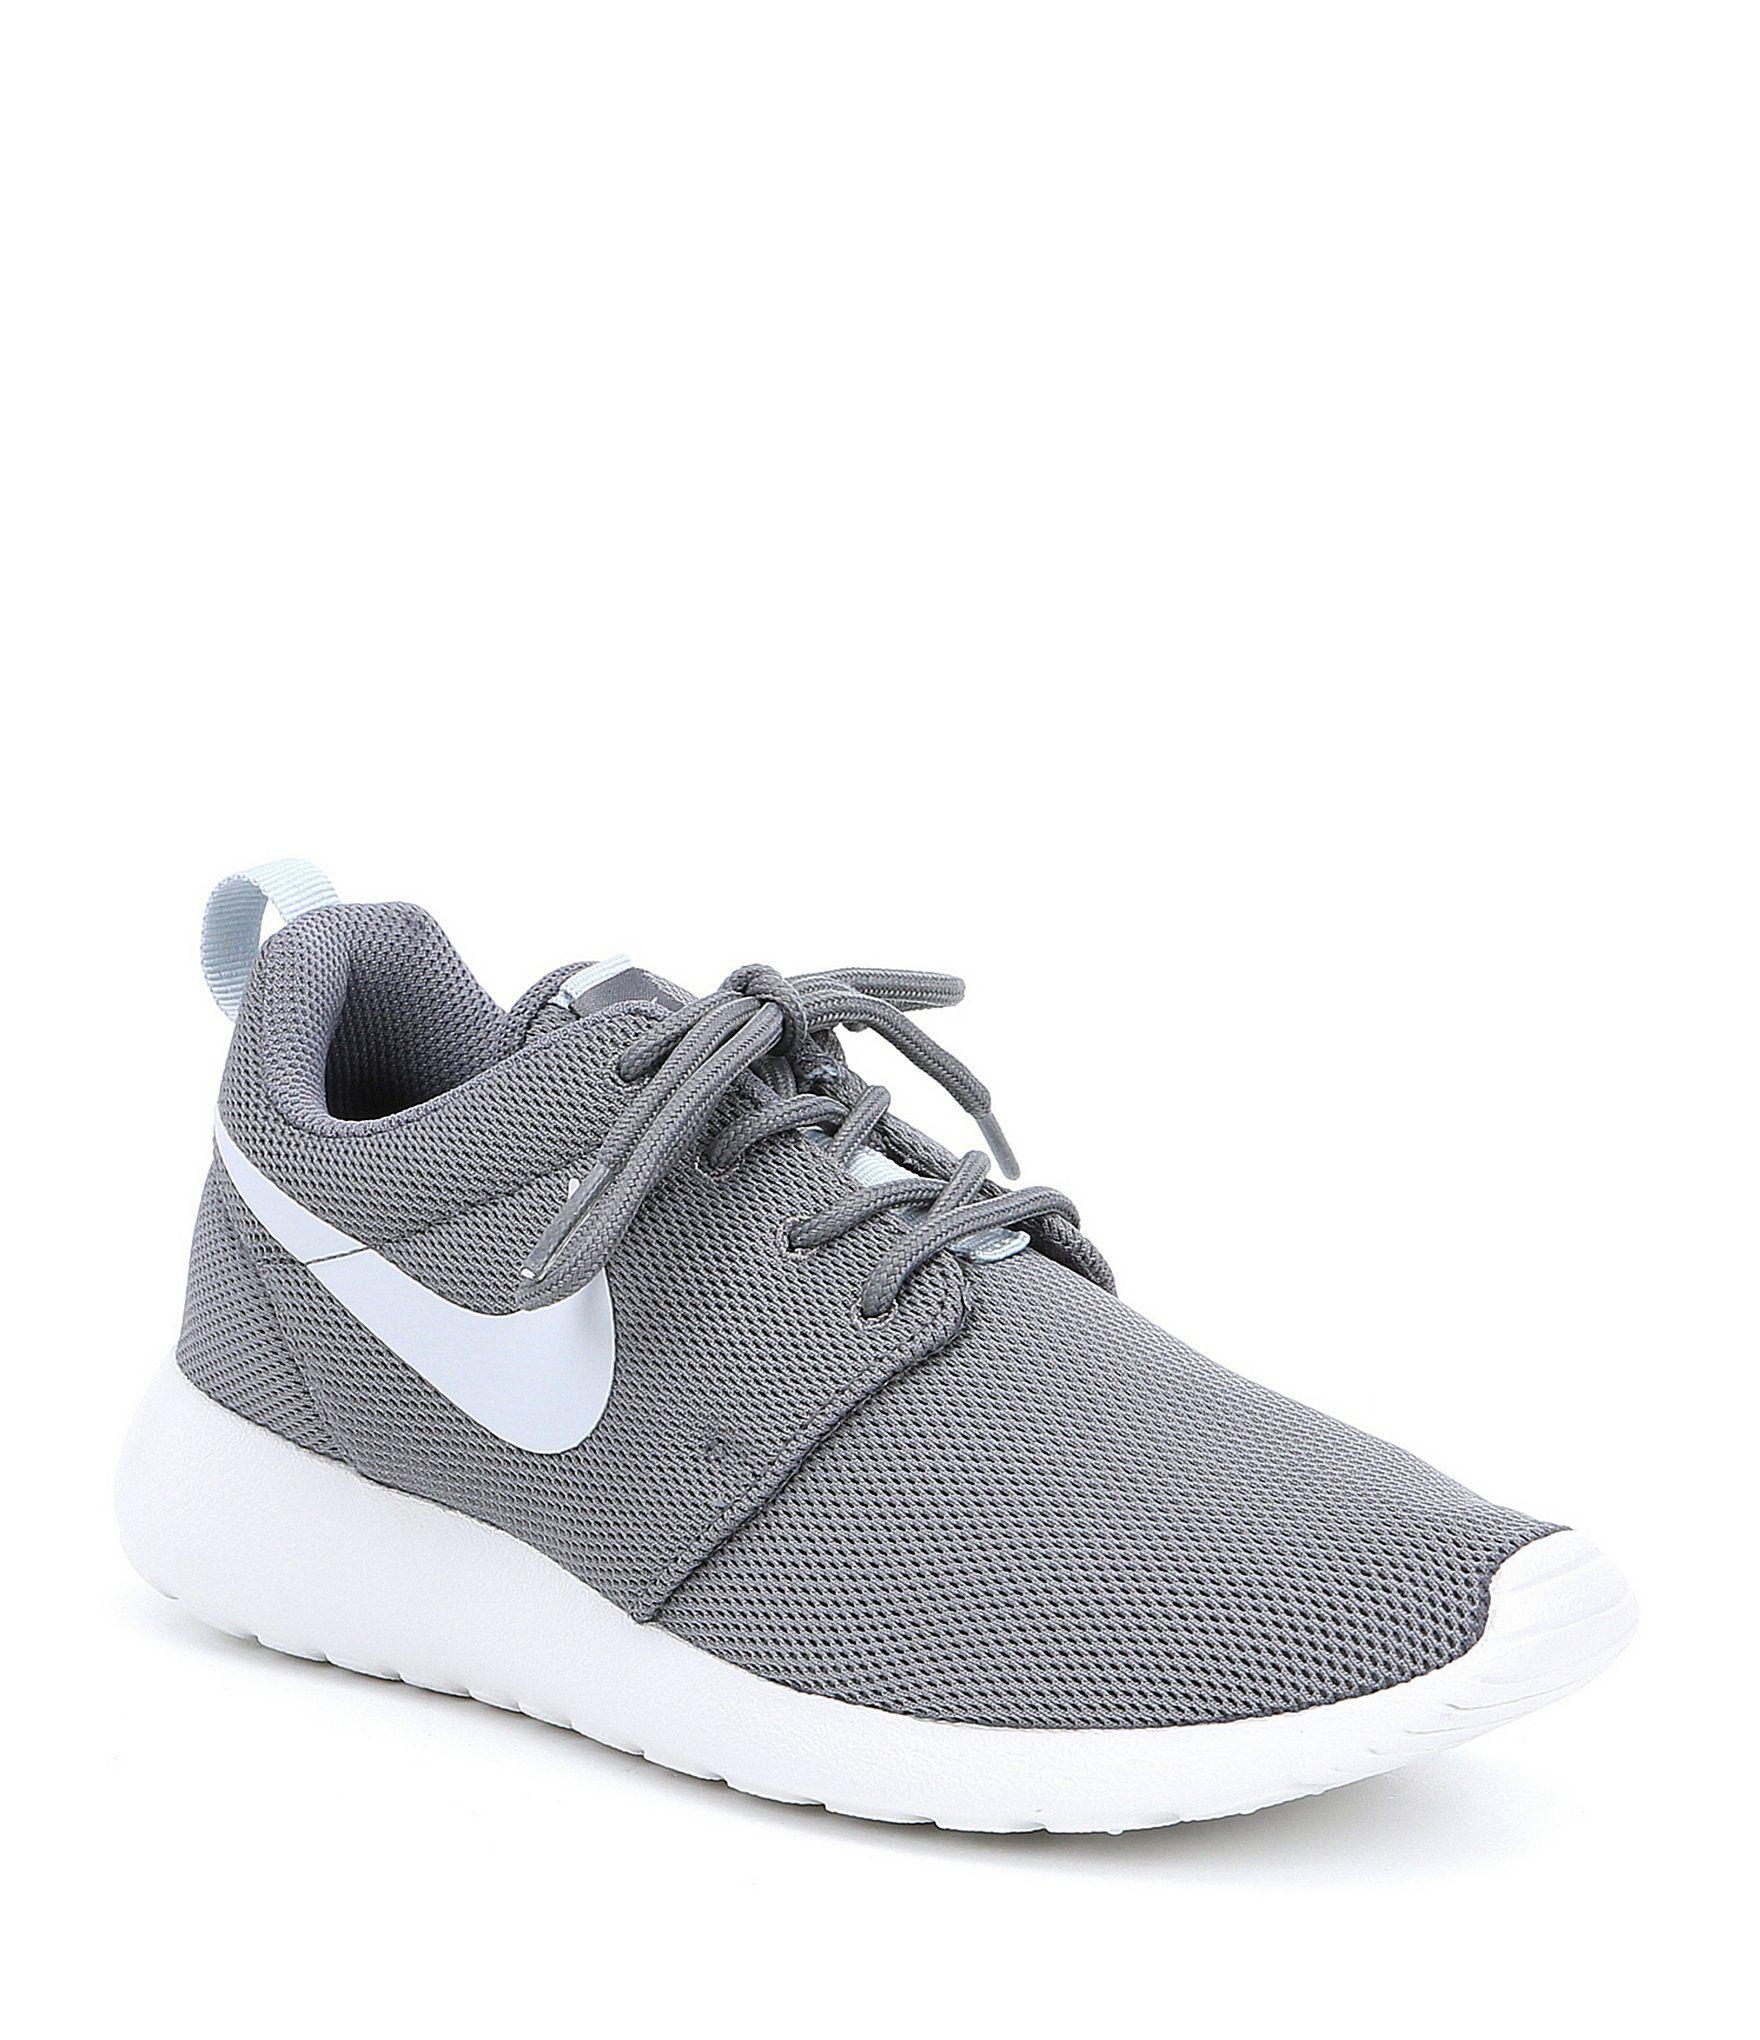 ec122387ff2 Nike Roshe One Women's Lifestyle Shoes | Fitness | Nike roshe, Nike ...